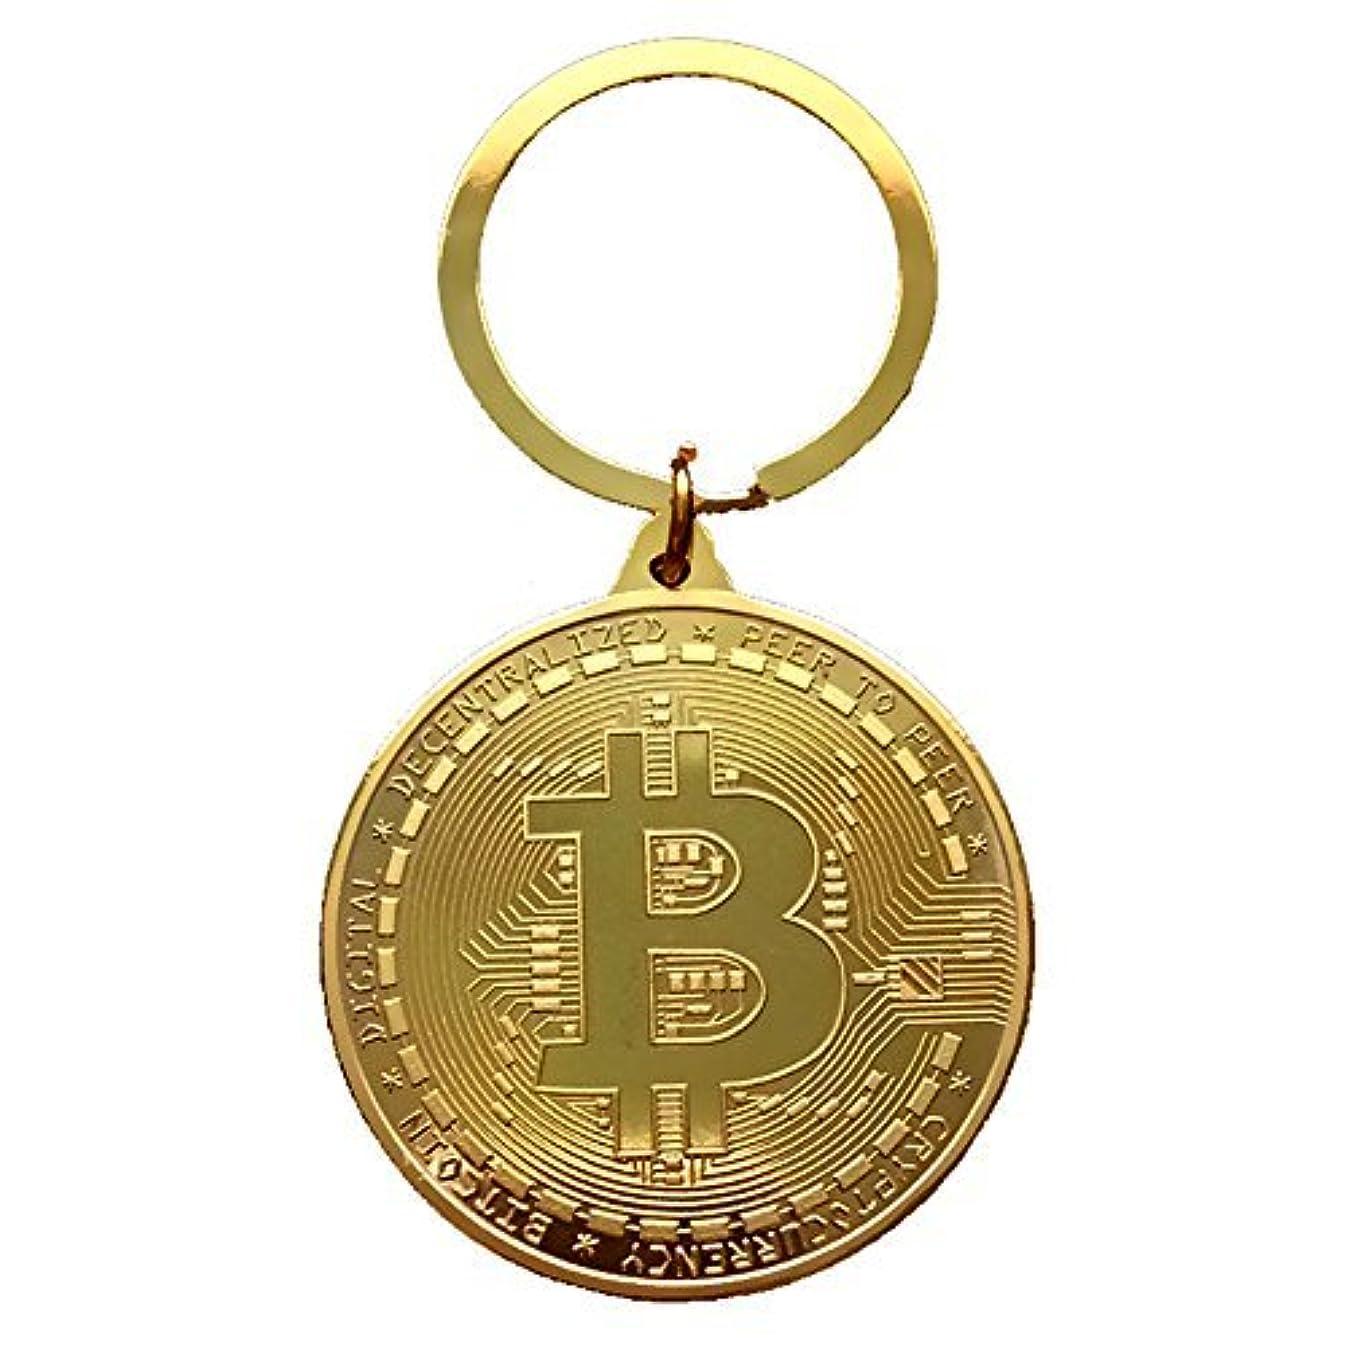 に対して小数急いでZooooM ビット コイン デザイン レプリカ メダル キーホルダー キーチェーン Bit Coin BTC 仮想 通貨 ( ゴールド ) ZM-KEY3105-GD